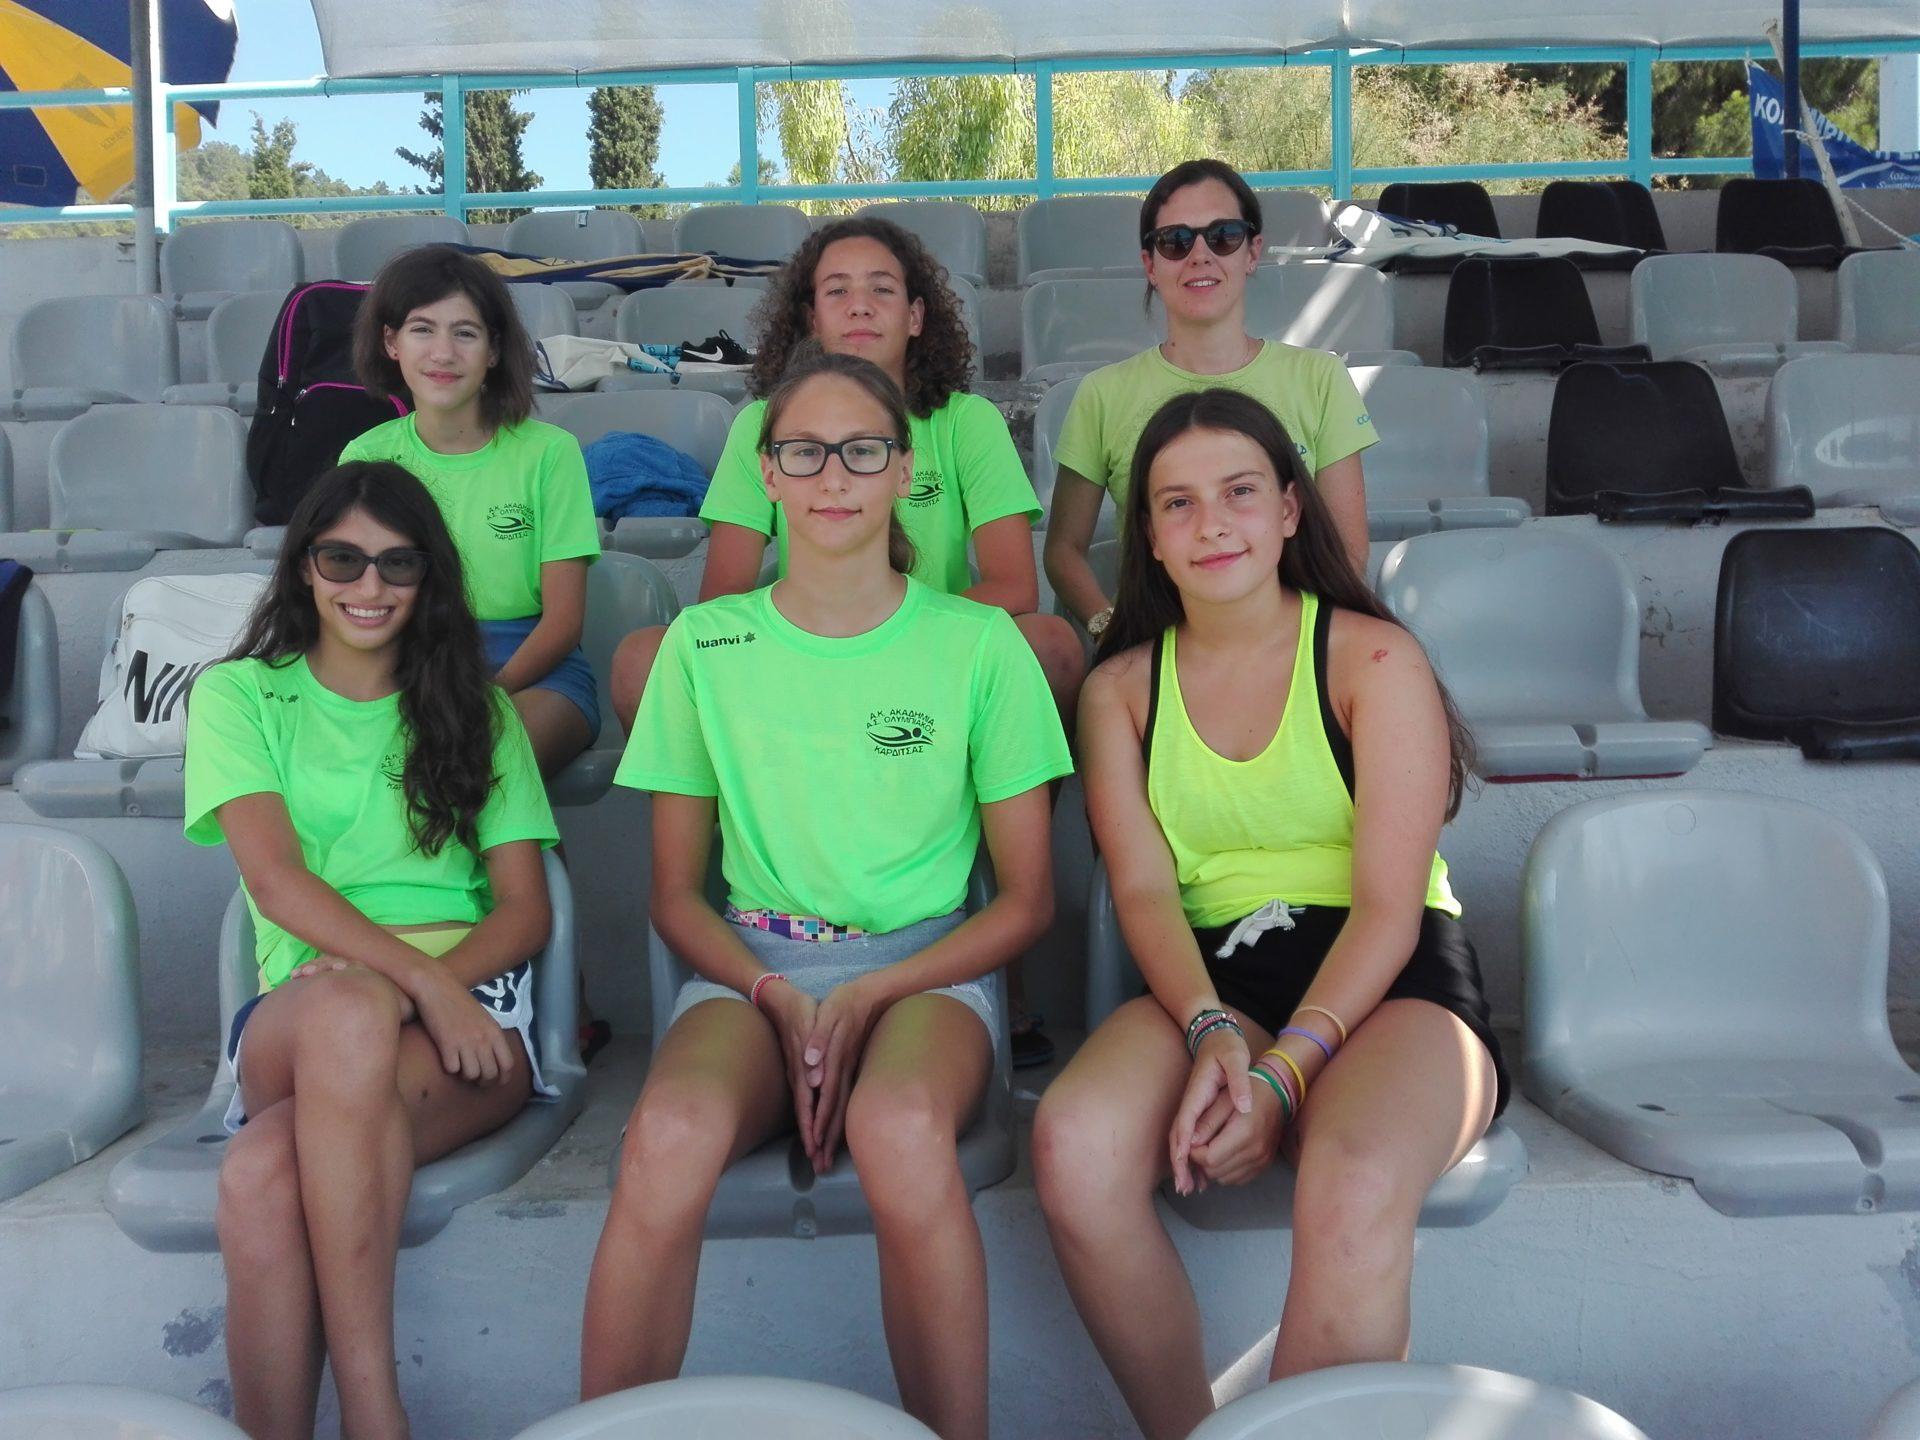 Τεράστια επιτυχία είχαν τα «Γαλαγάλεια Junior 2019» που διοργανώθηκαν από την Α.Κ.Α.Κ. & τον ΑΣΚ Ολυμπιακό